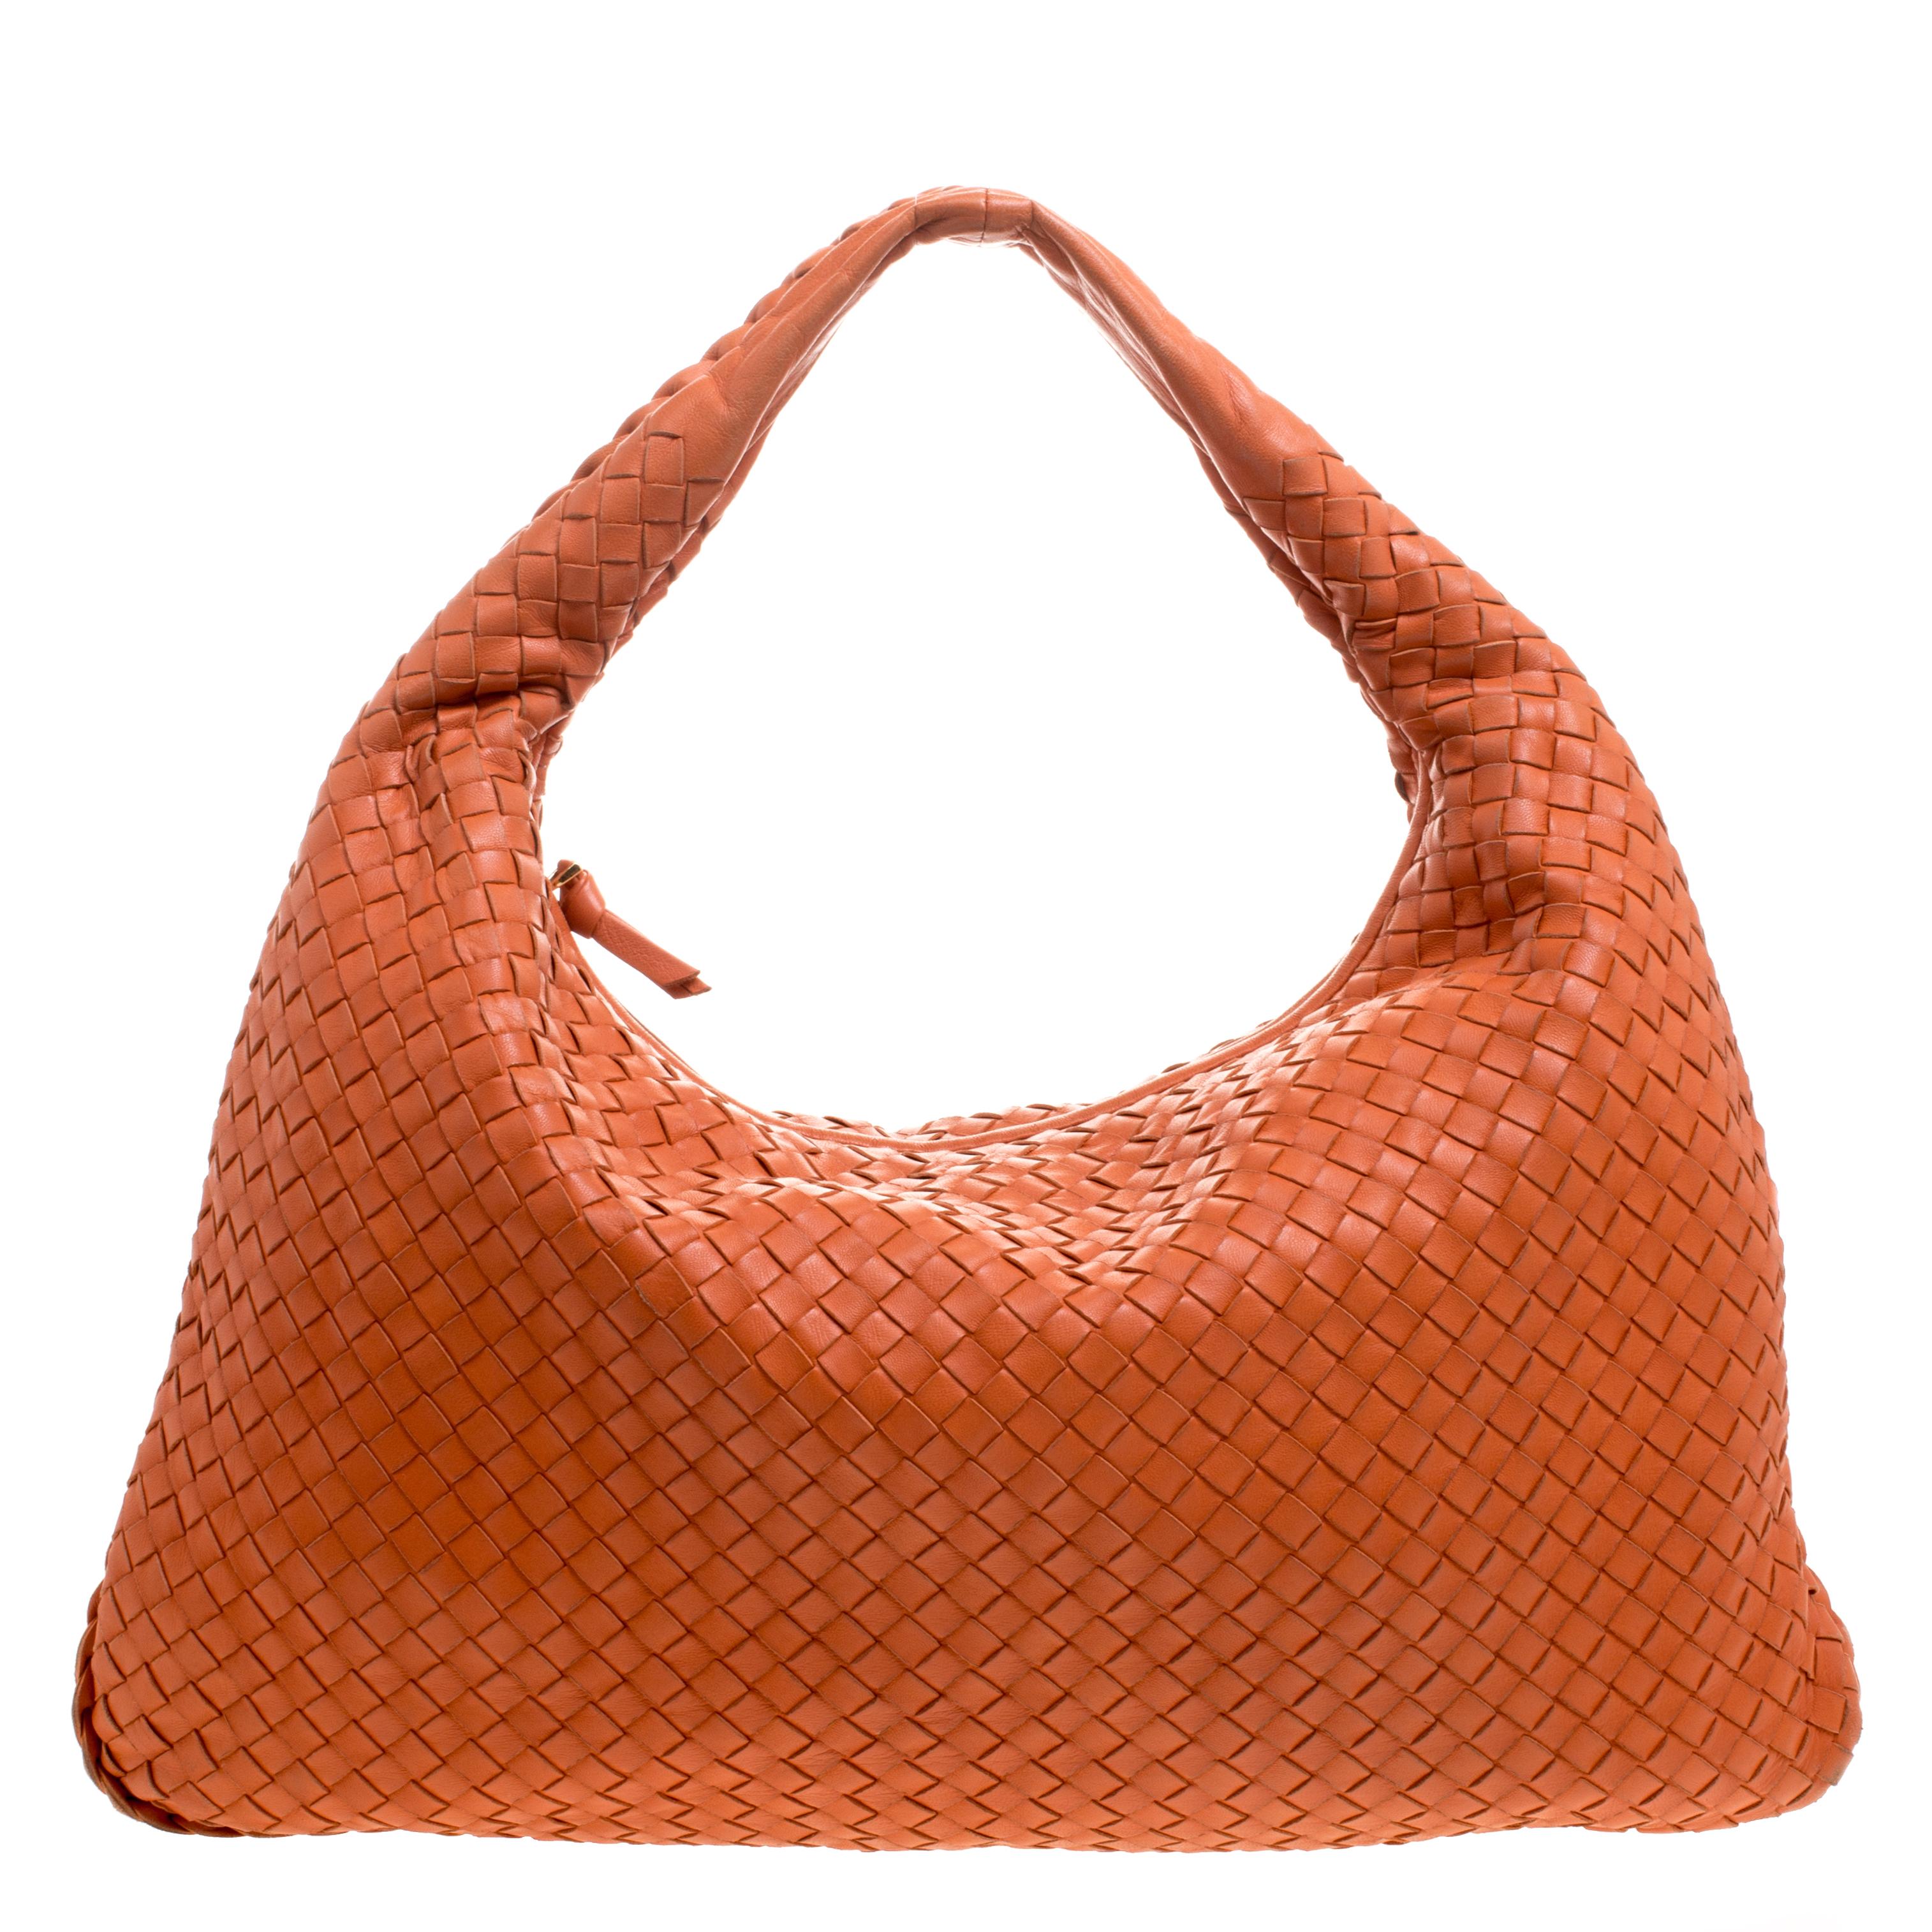 Bottega Veneta Orange Intrecciato Leather Large Belly Hobo